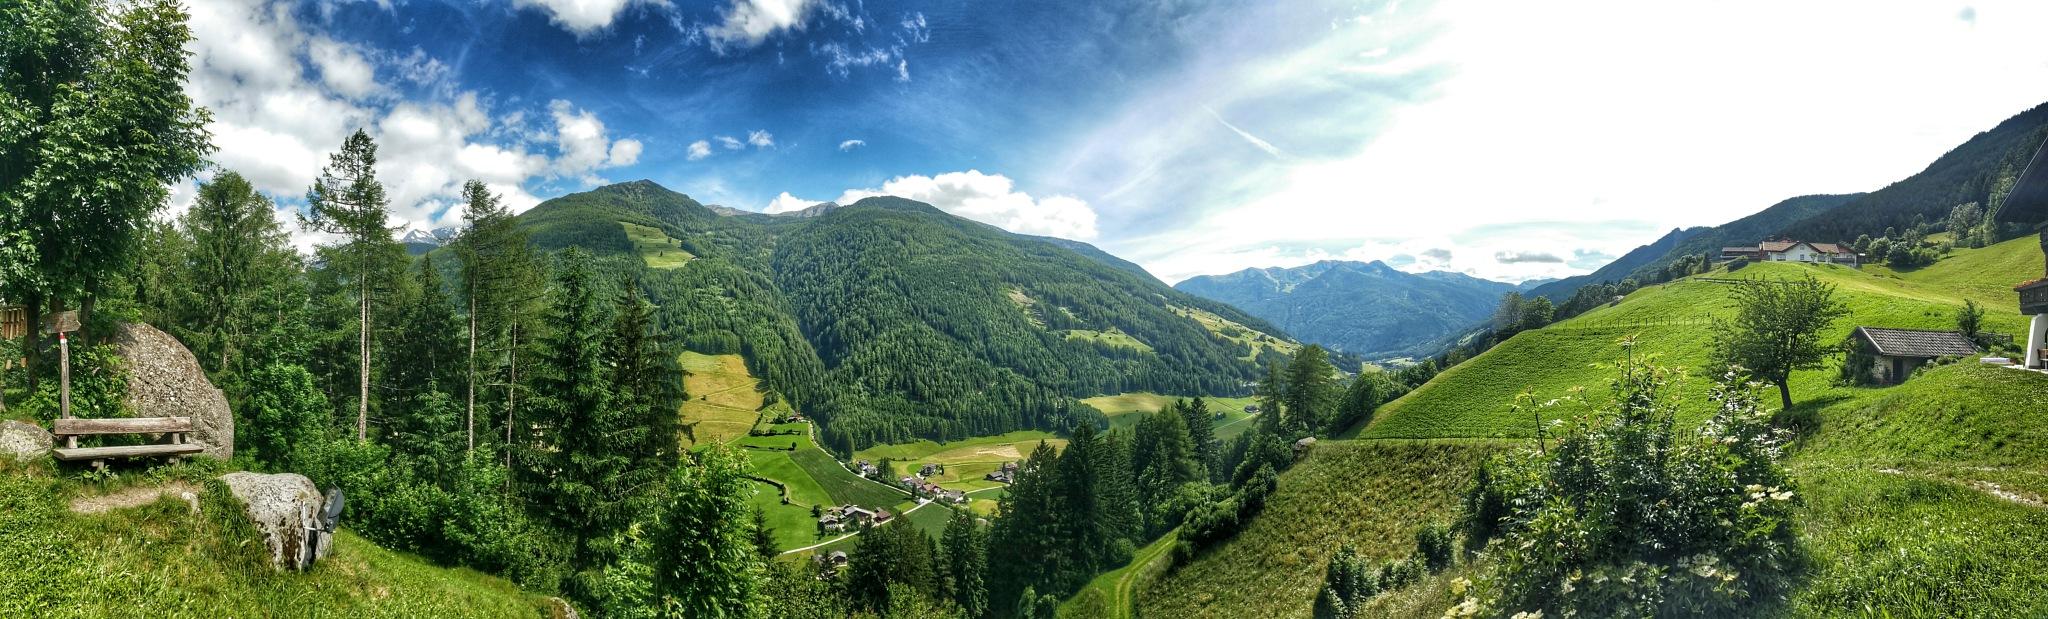 Arntal, Südtirol by noerpel